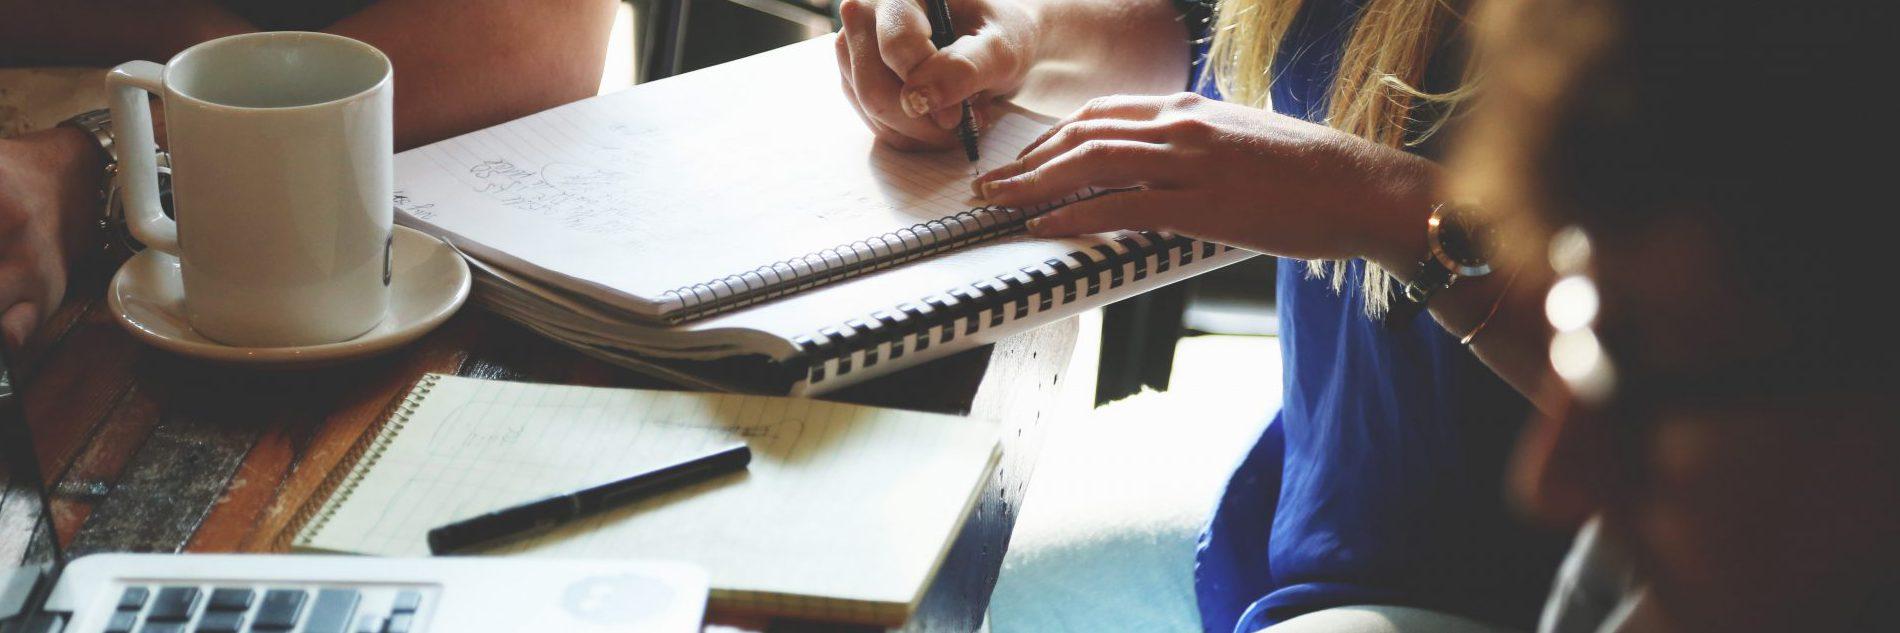 Persoonlijke aandacht op de huiswerkbegeleiding